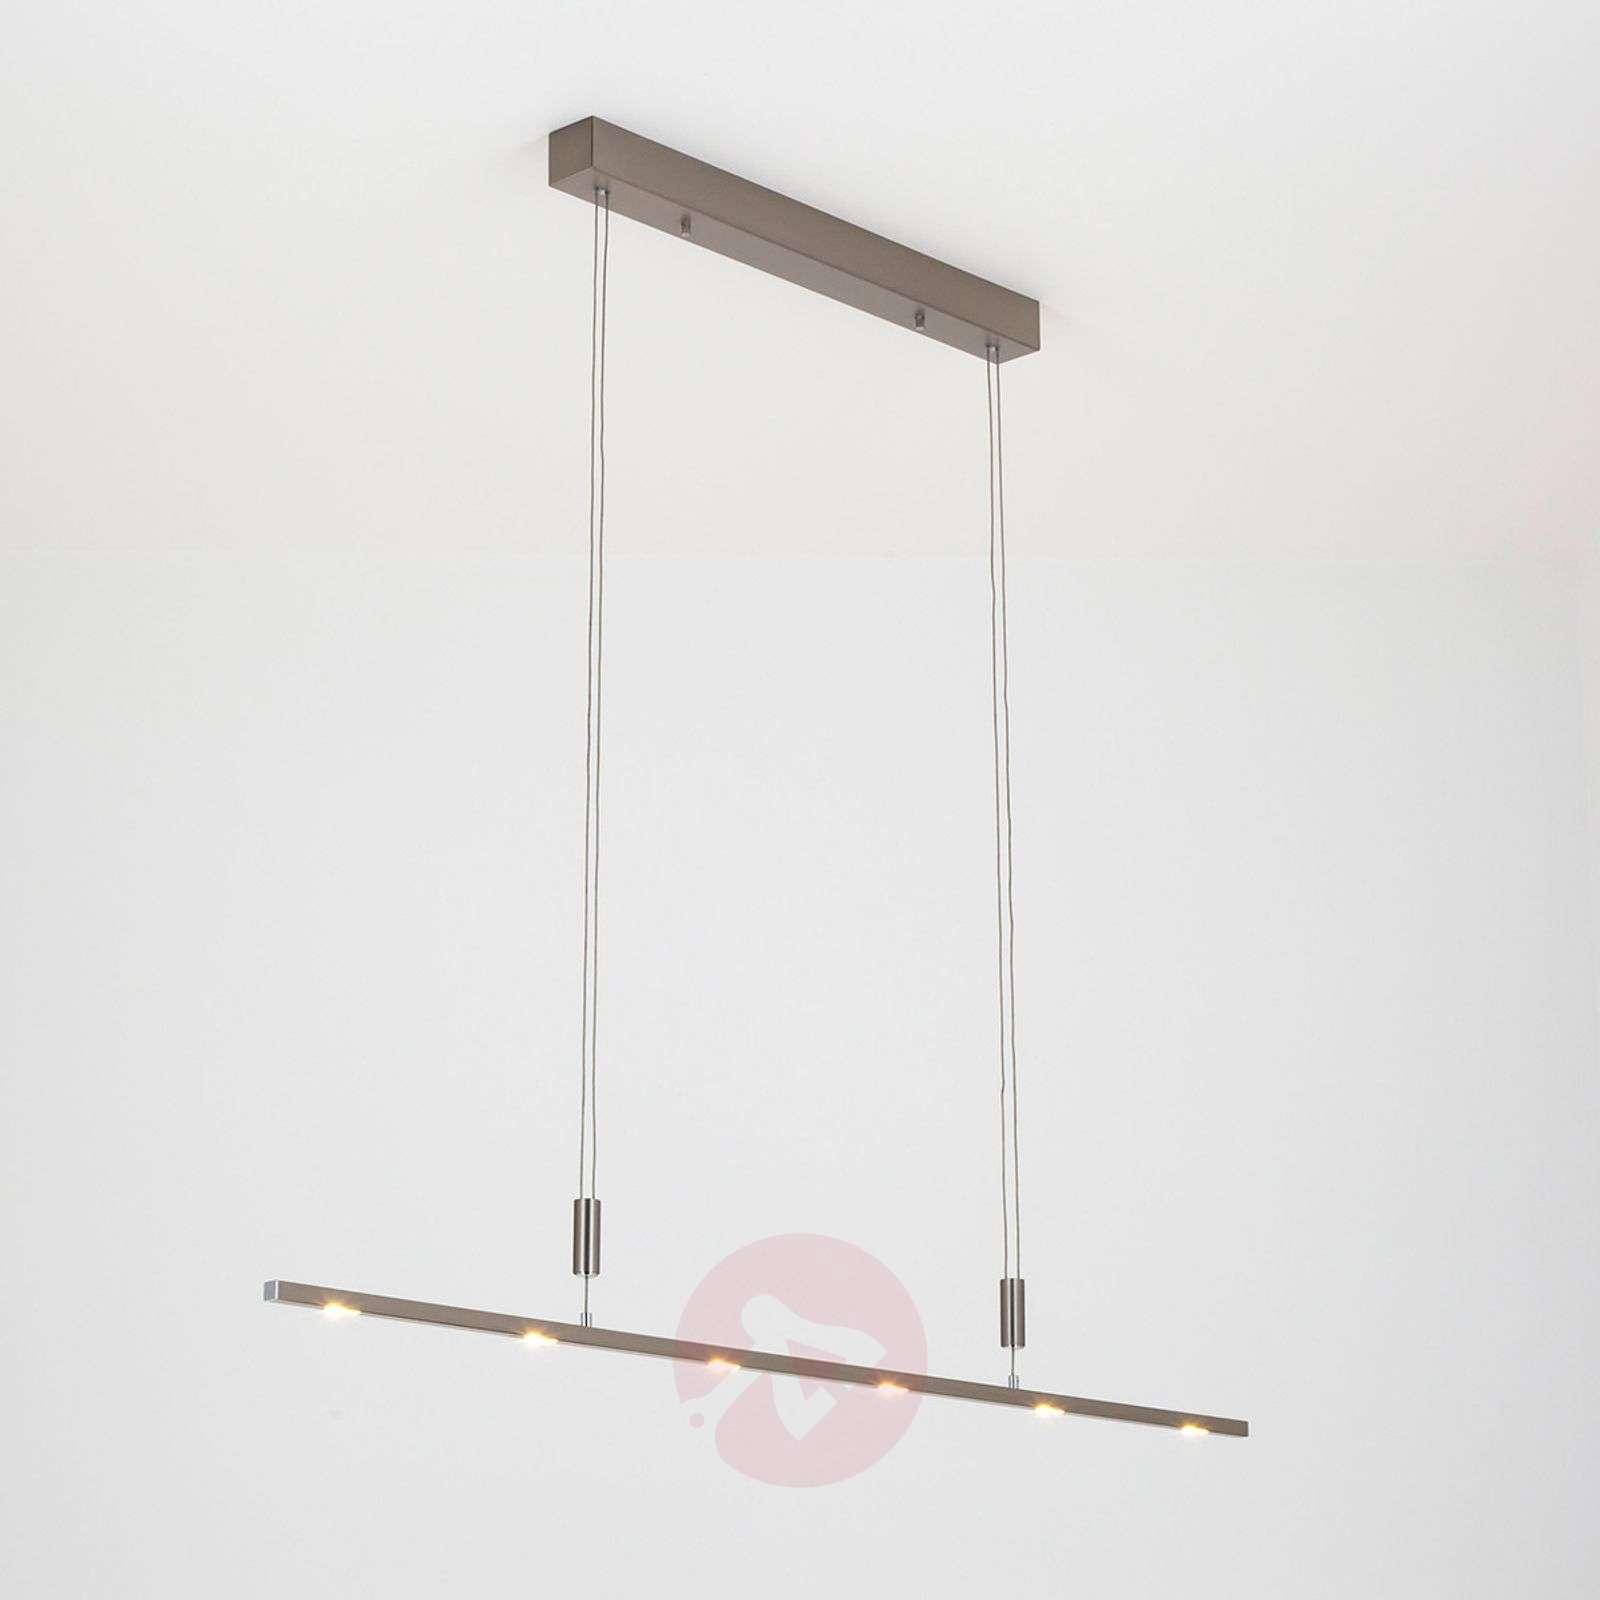 Laadukas LED-riippuvalaisin Tolu, korkeussäädöllä-6722001-013